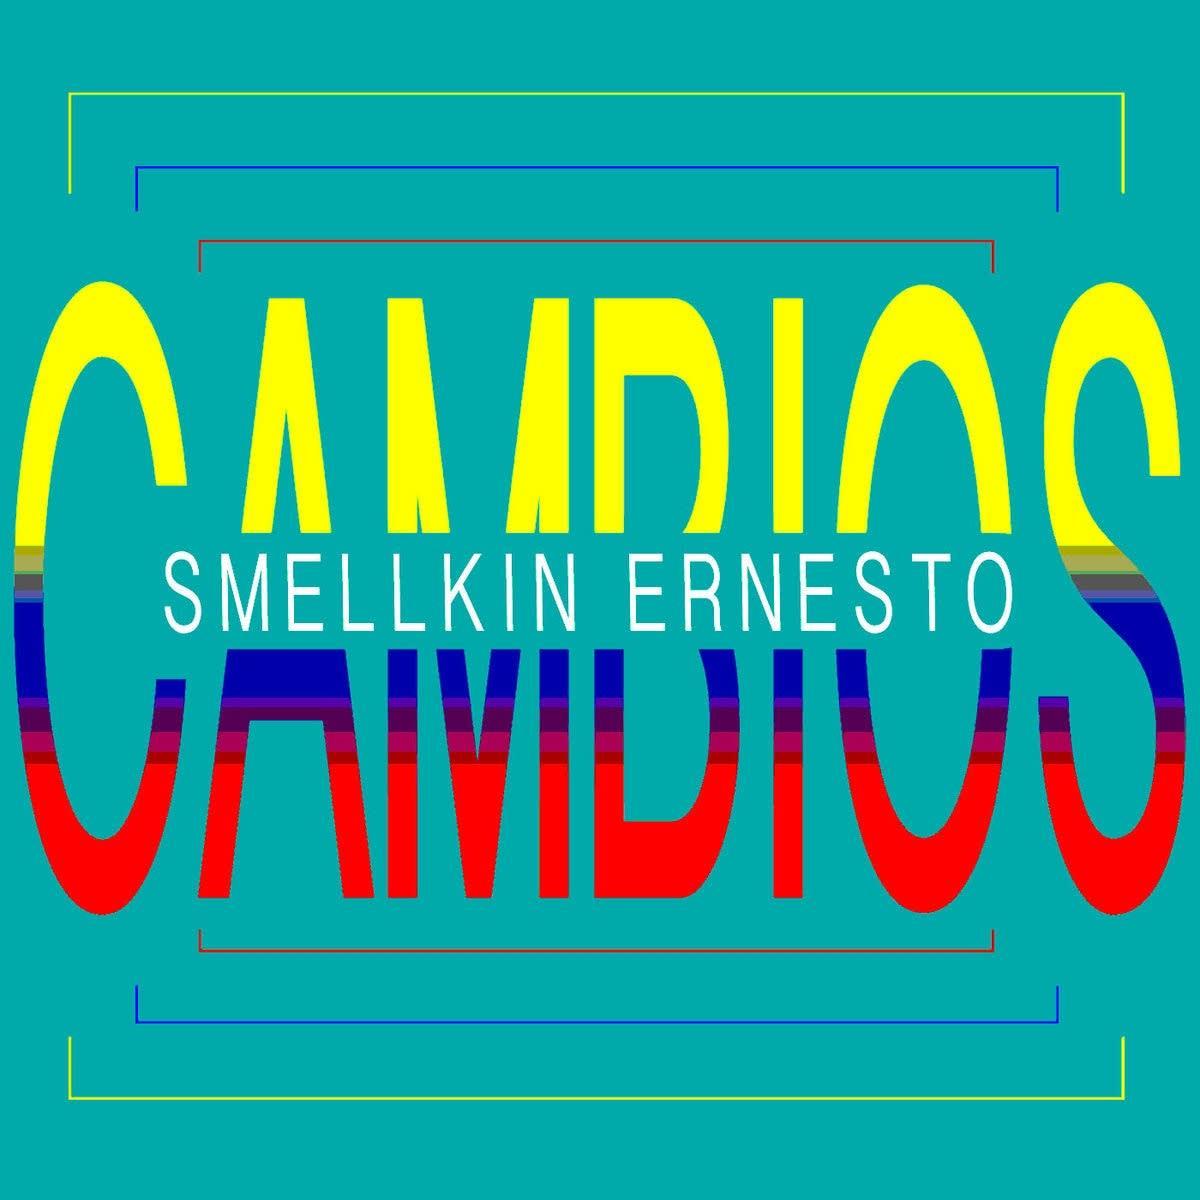 Smellkin Ernesto